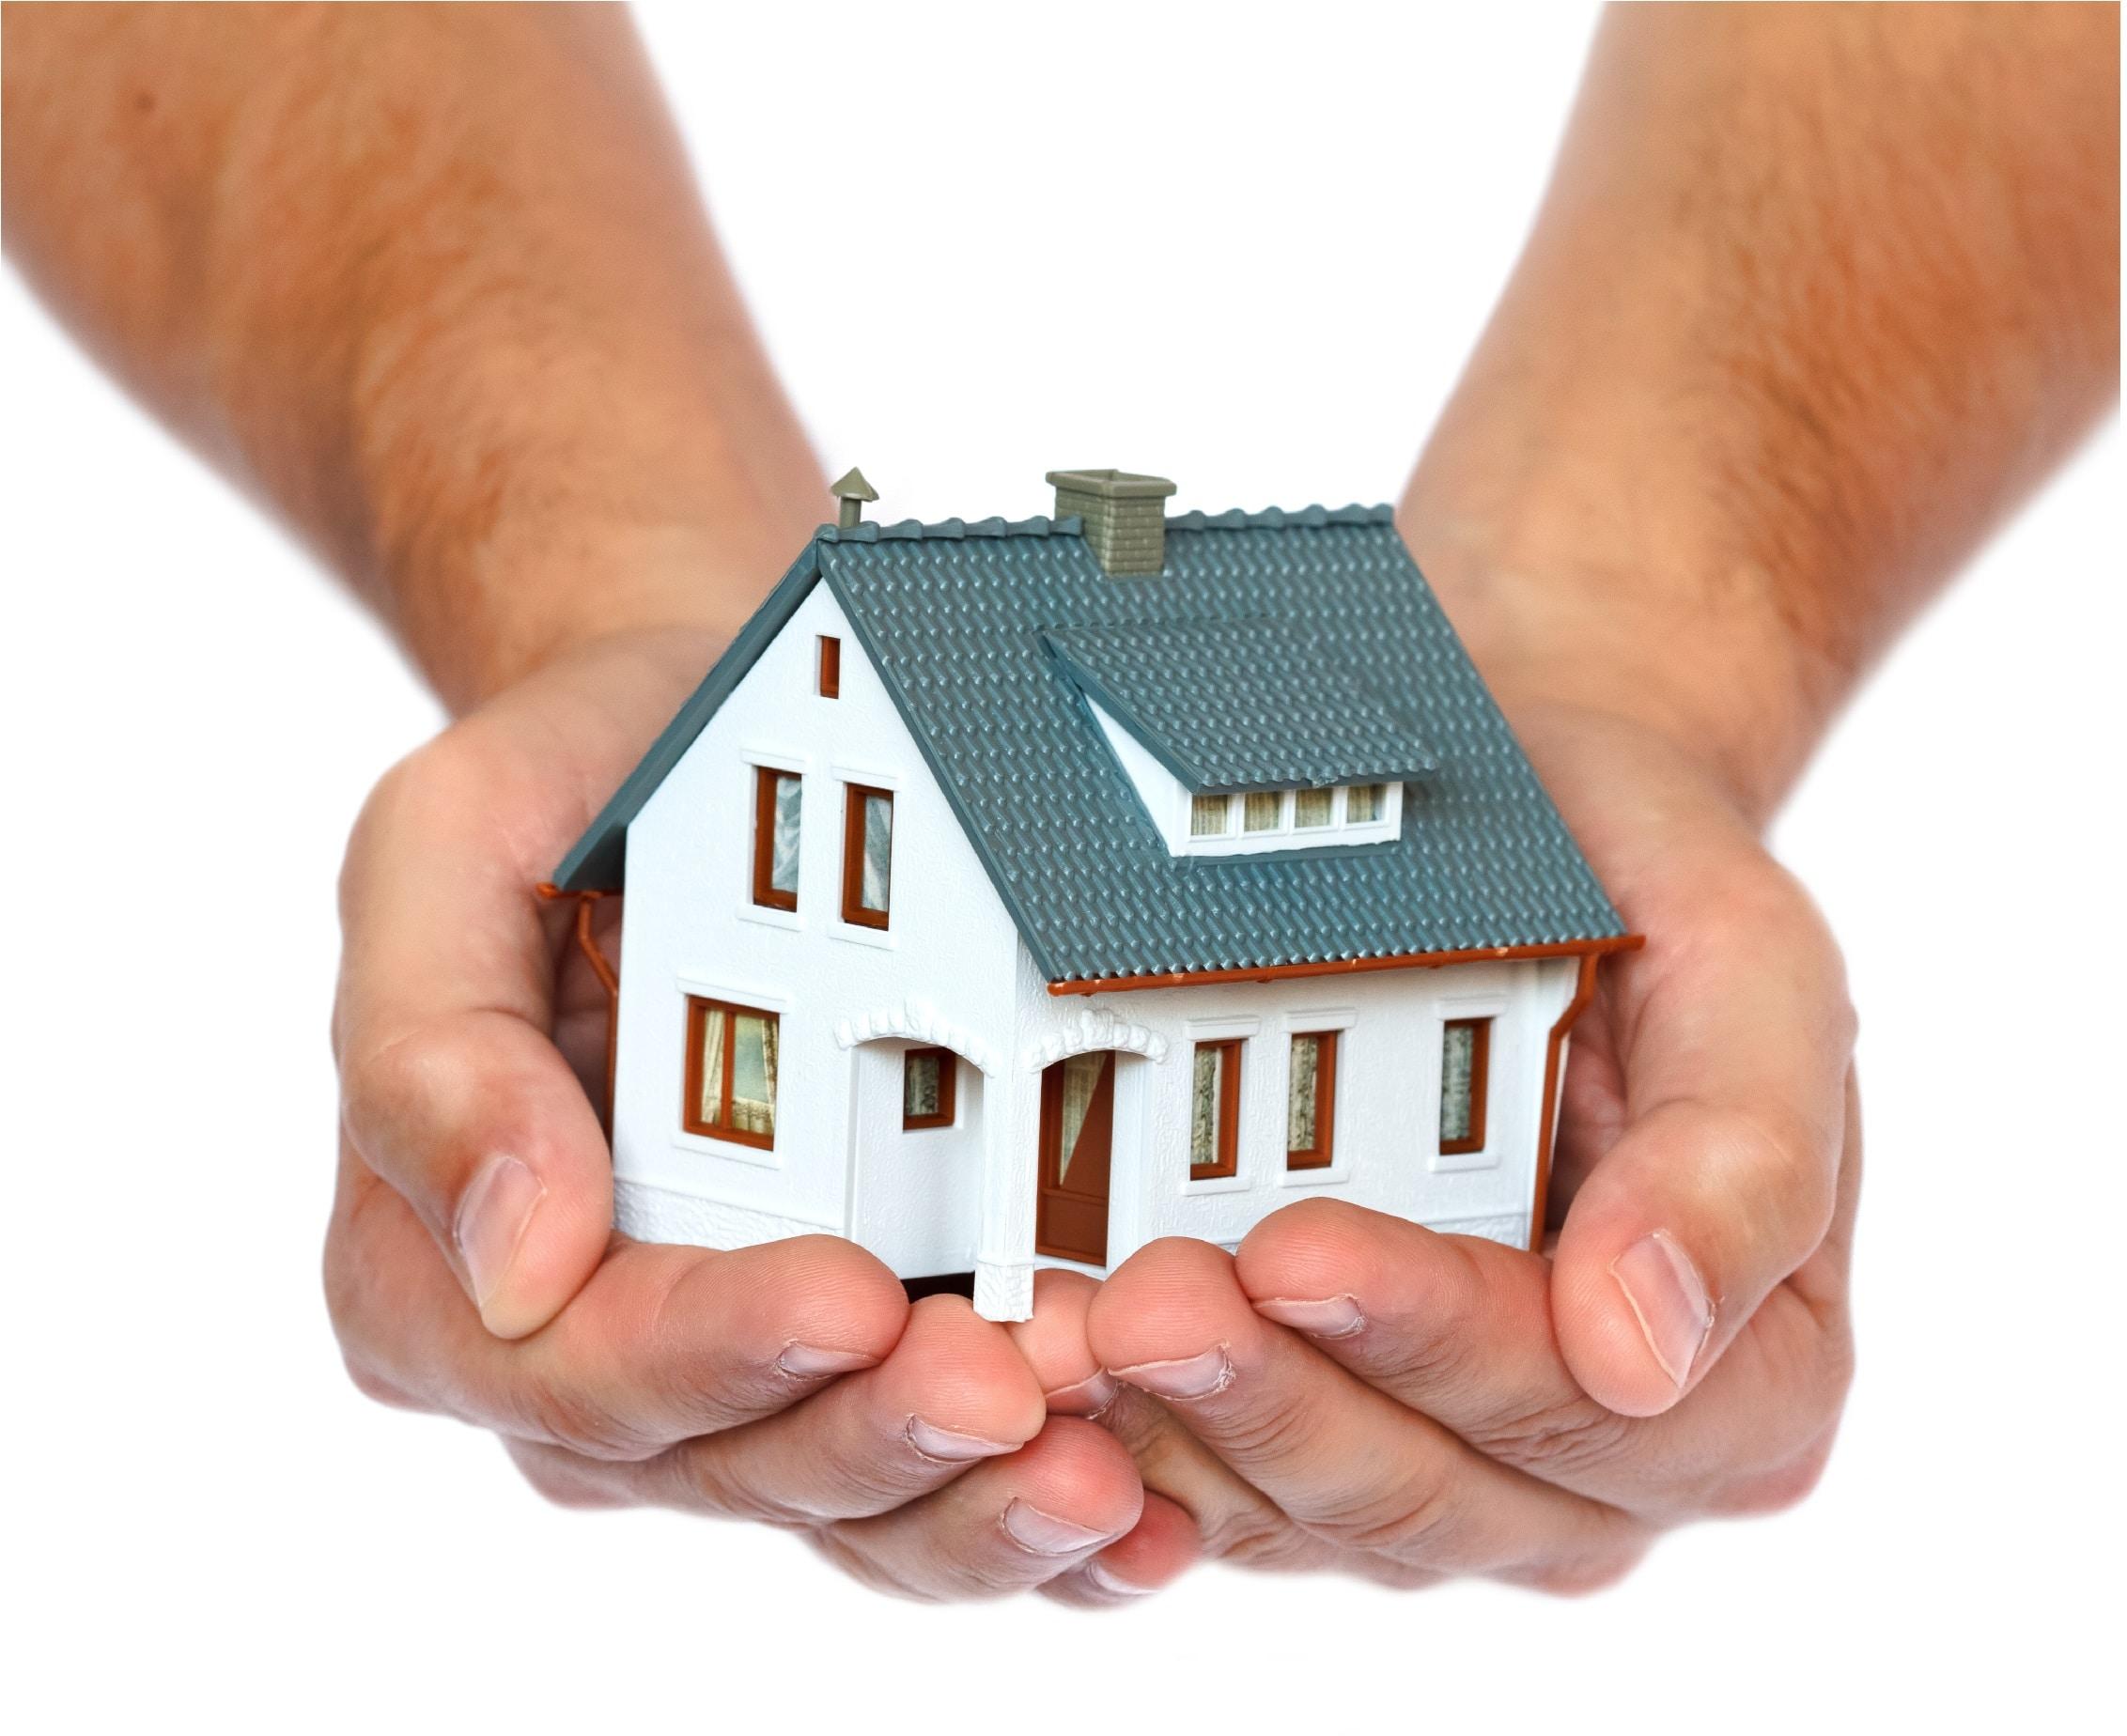 Maison à vendre Pézenas : comment faire pour vendre sa maison ?